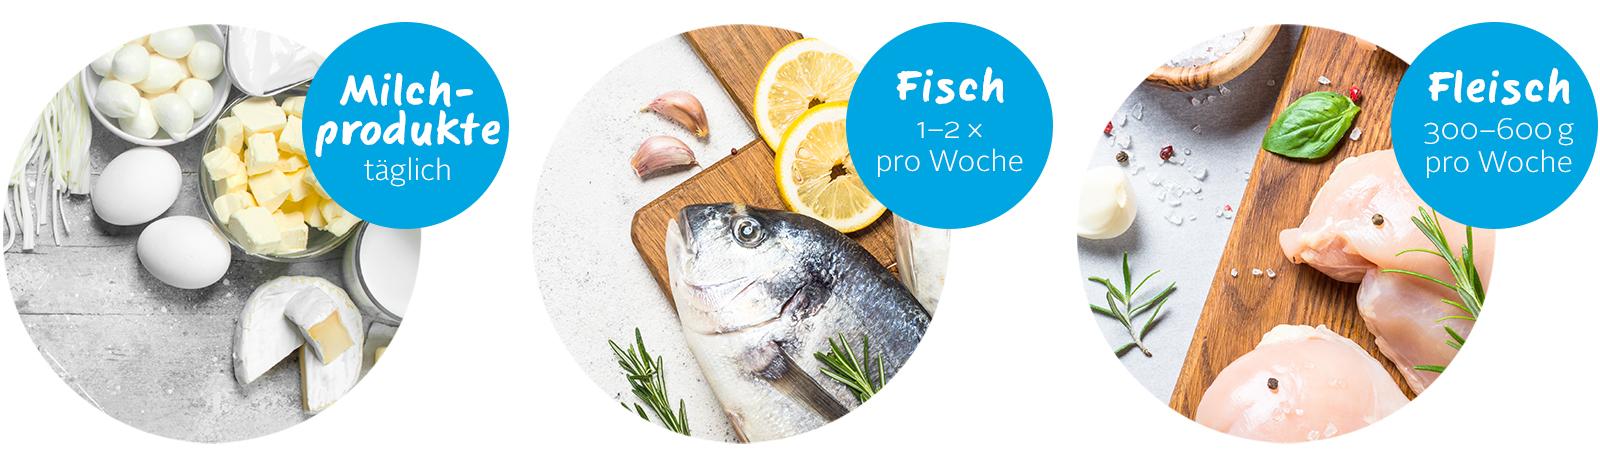 Fleisch Fisch-